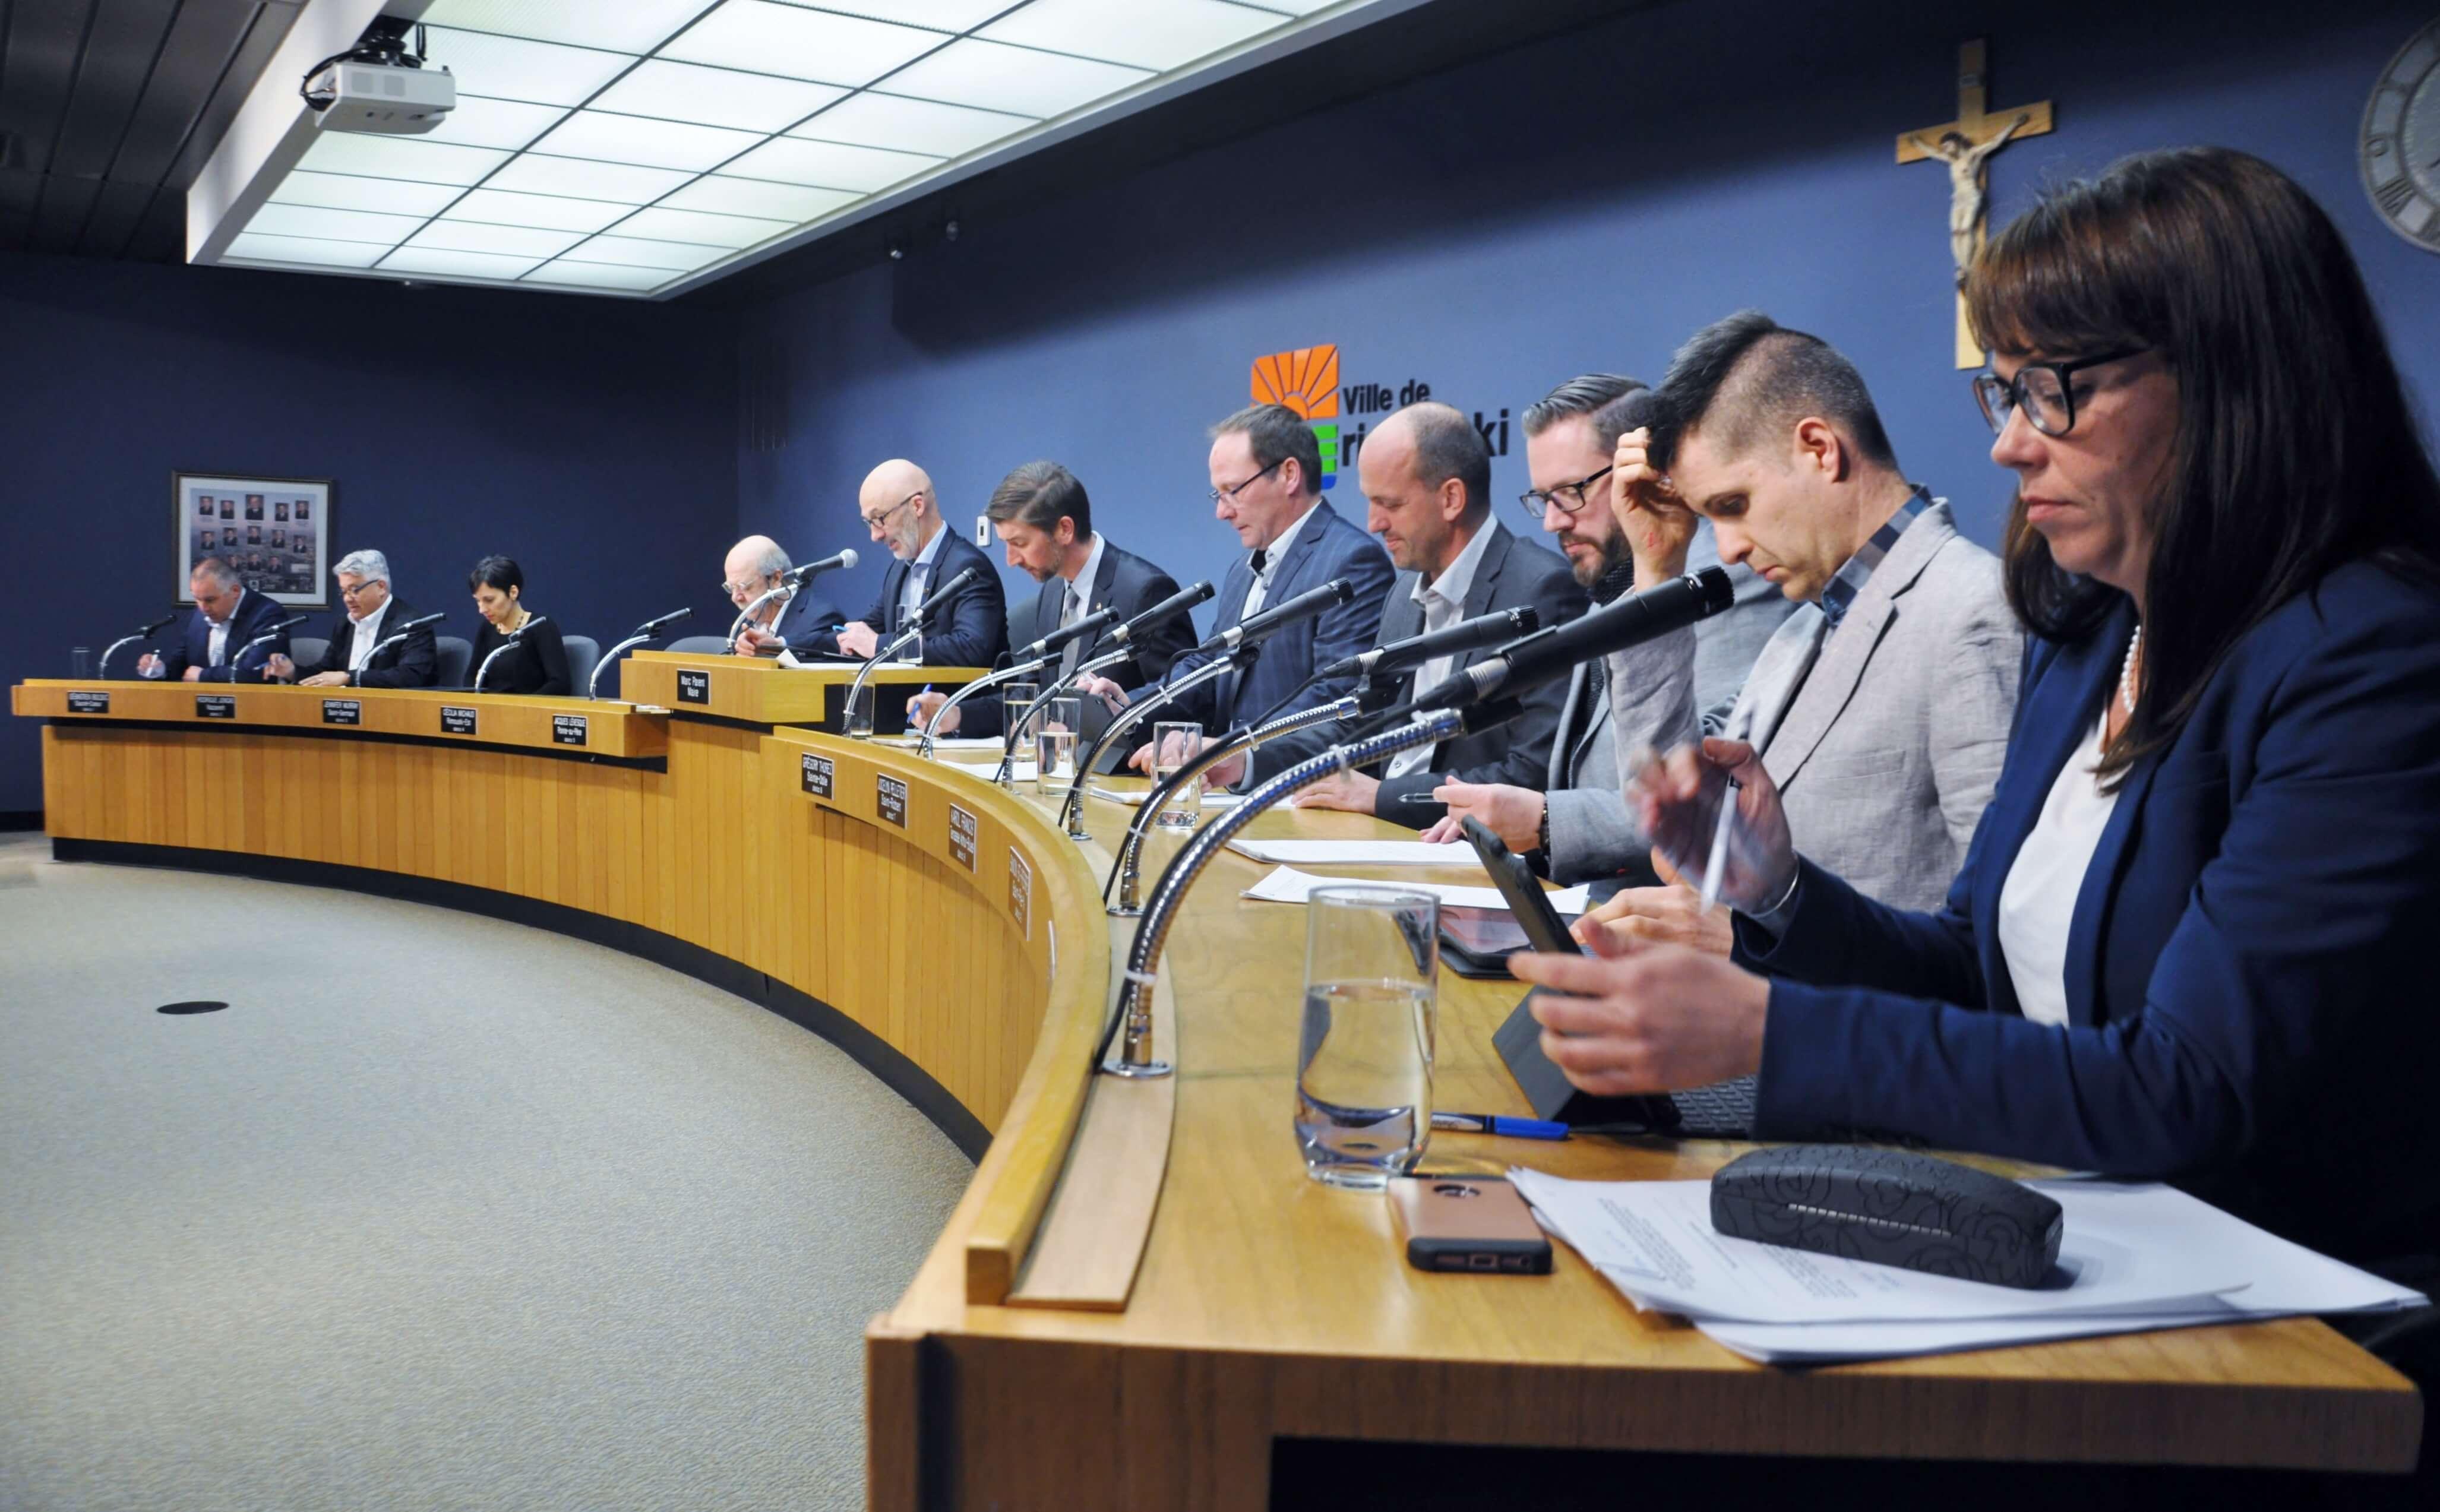 Conseil municipal de la Ville de Rimouski